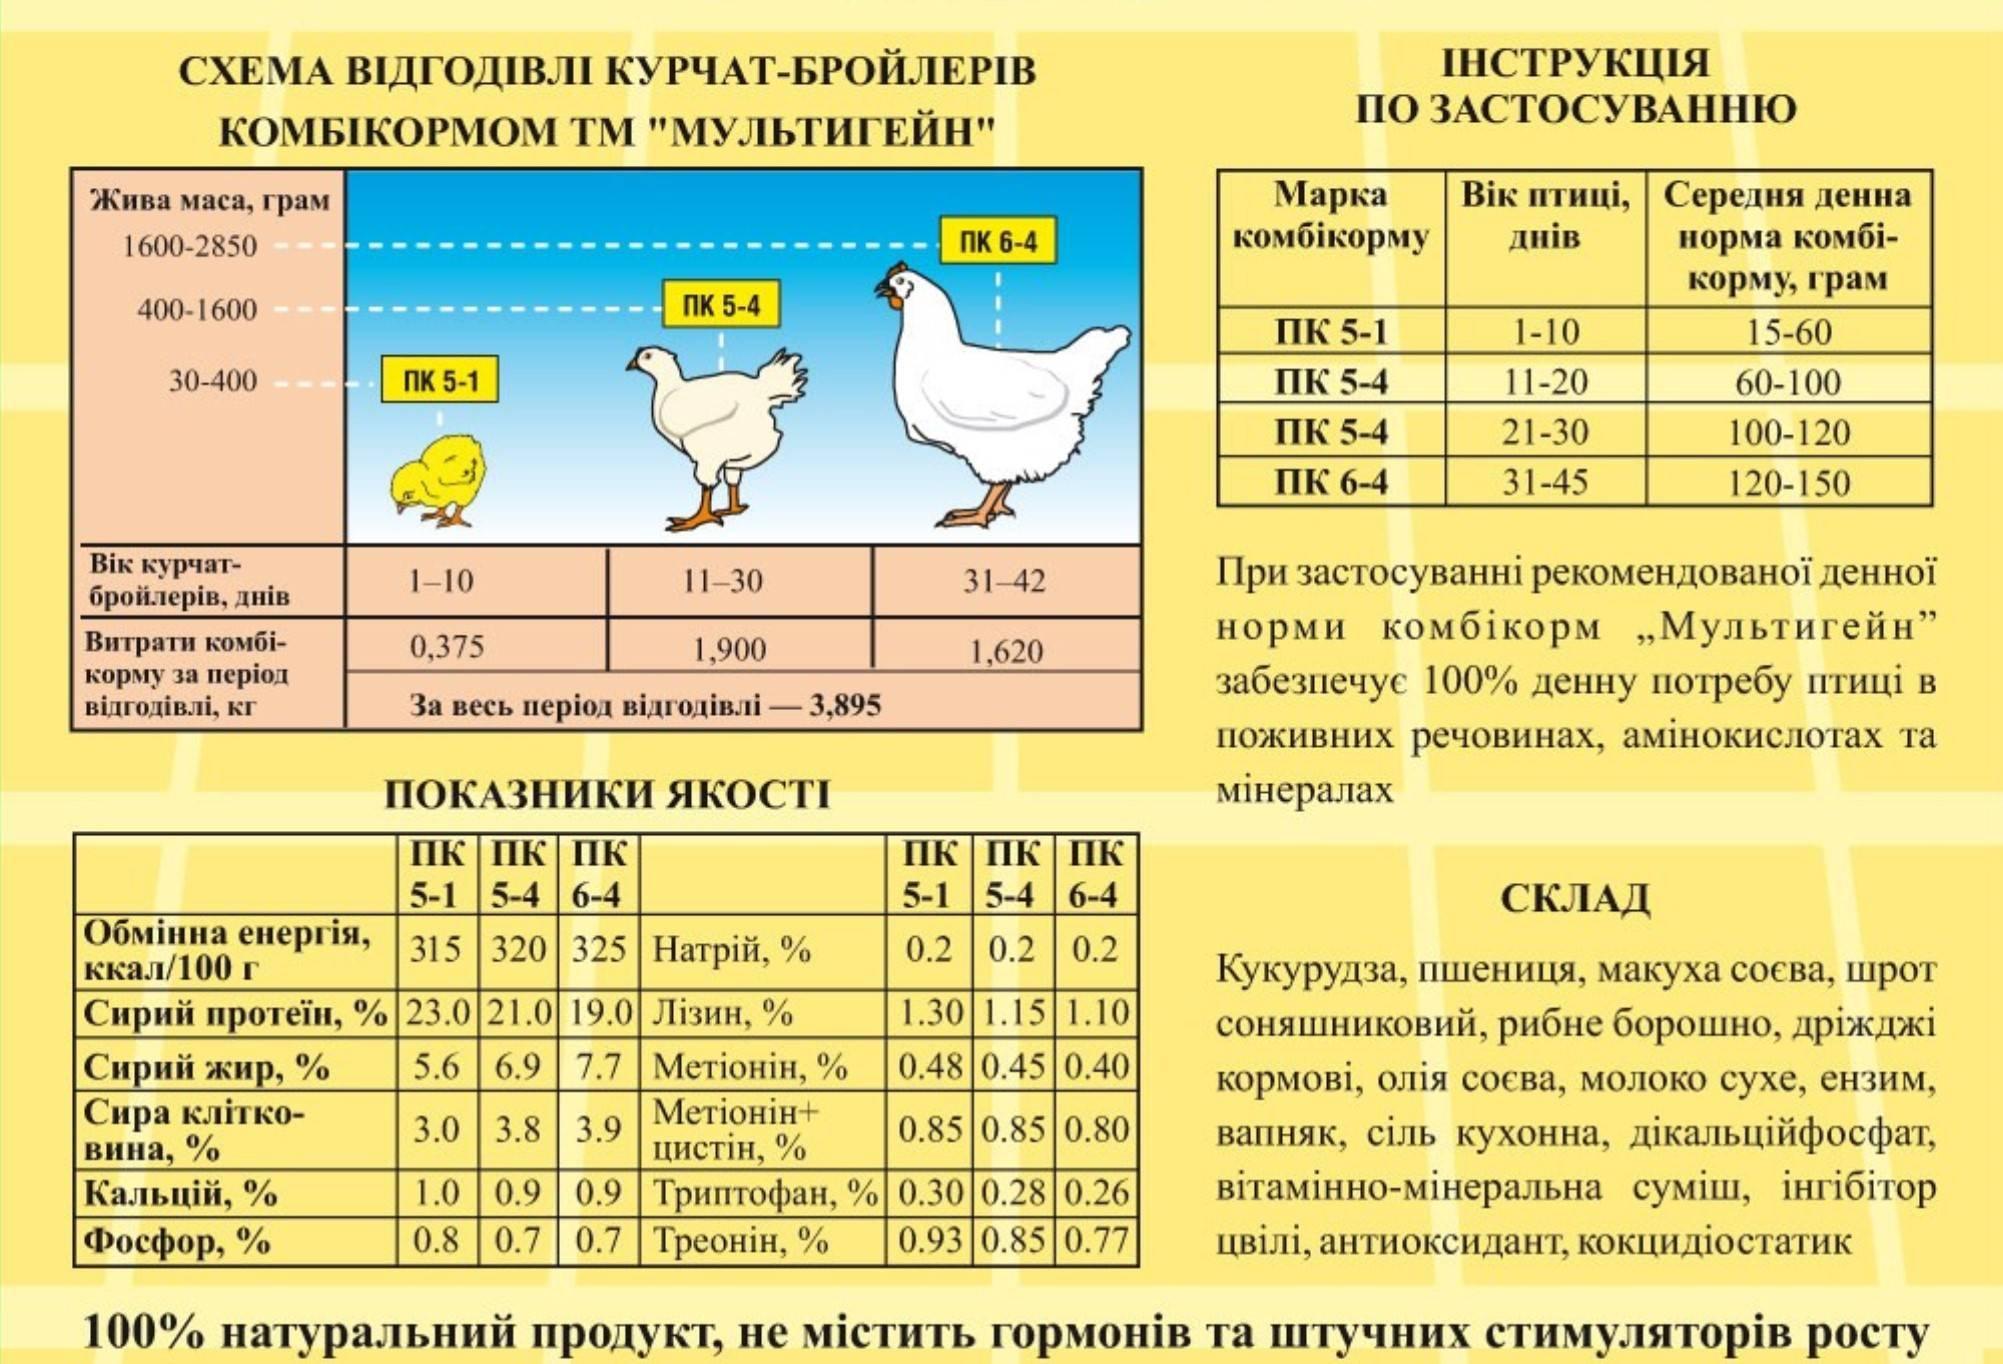 Рыбий жир для кур-несушек: дозировка, инструкция